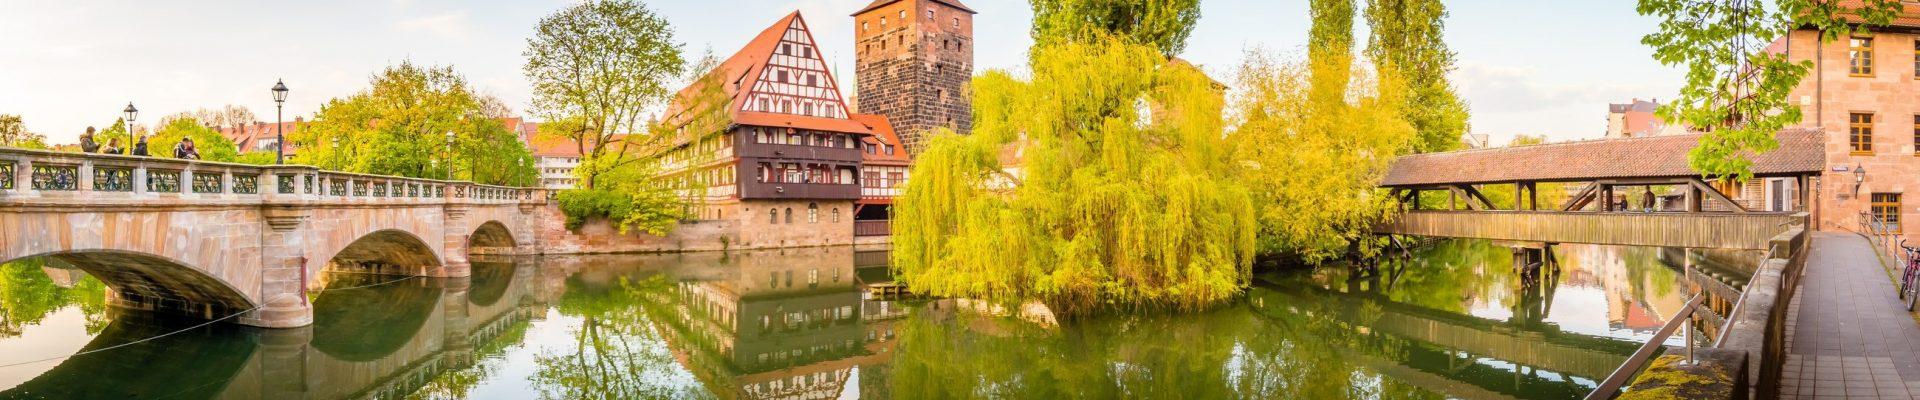 Fotolia_149833058_nuernberg